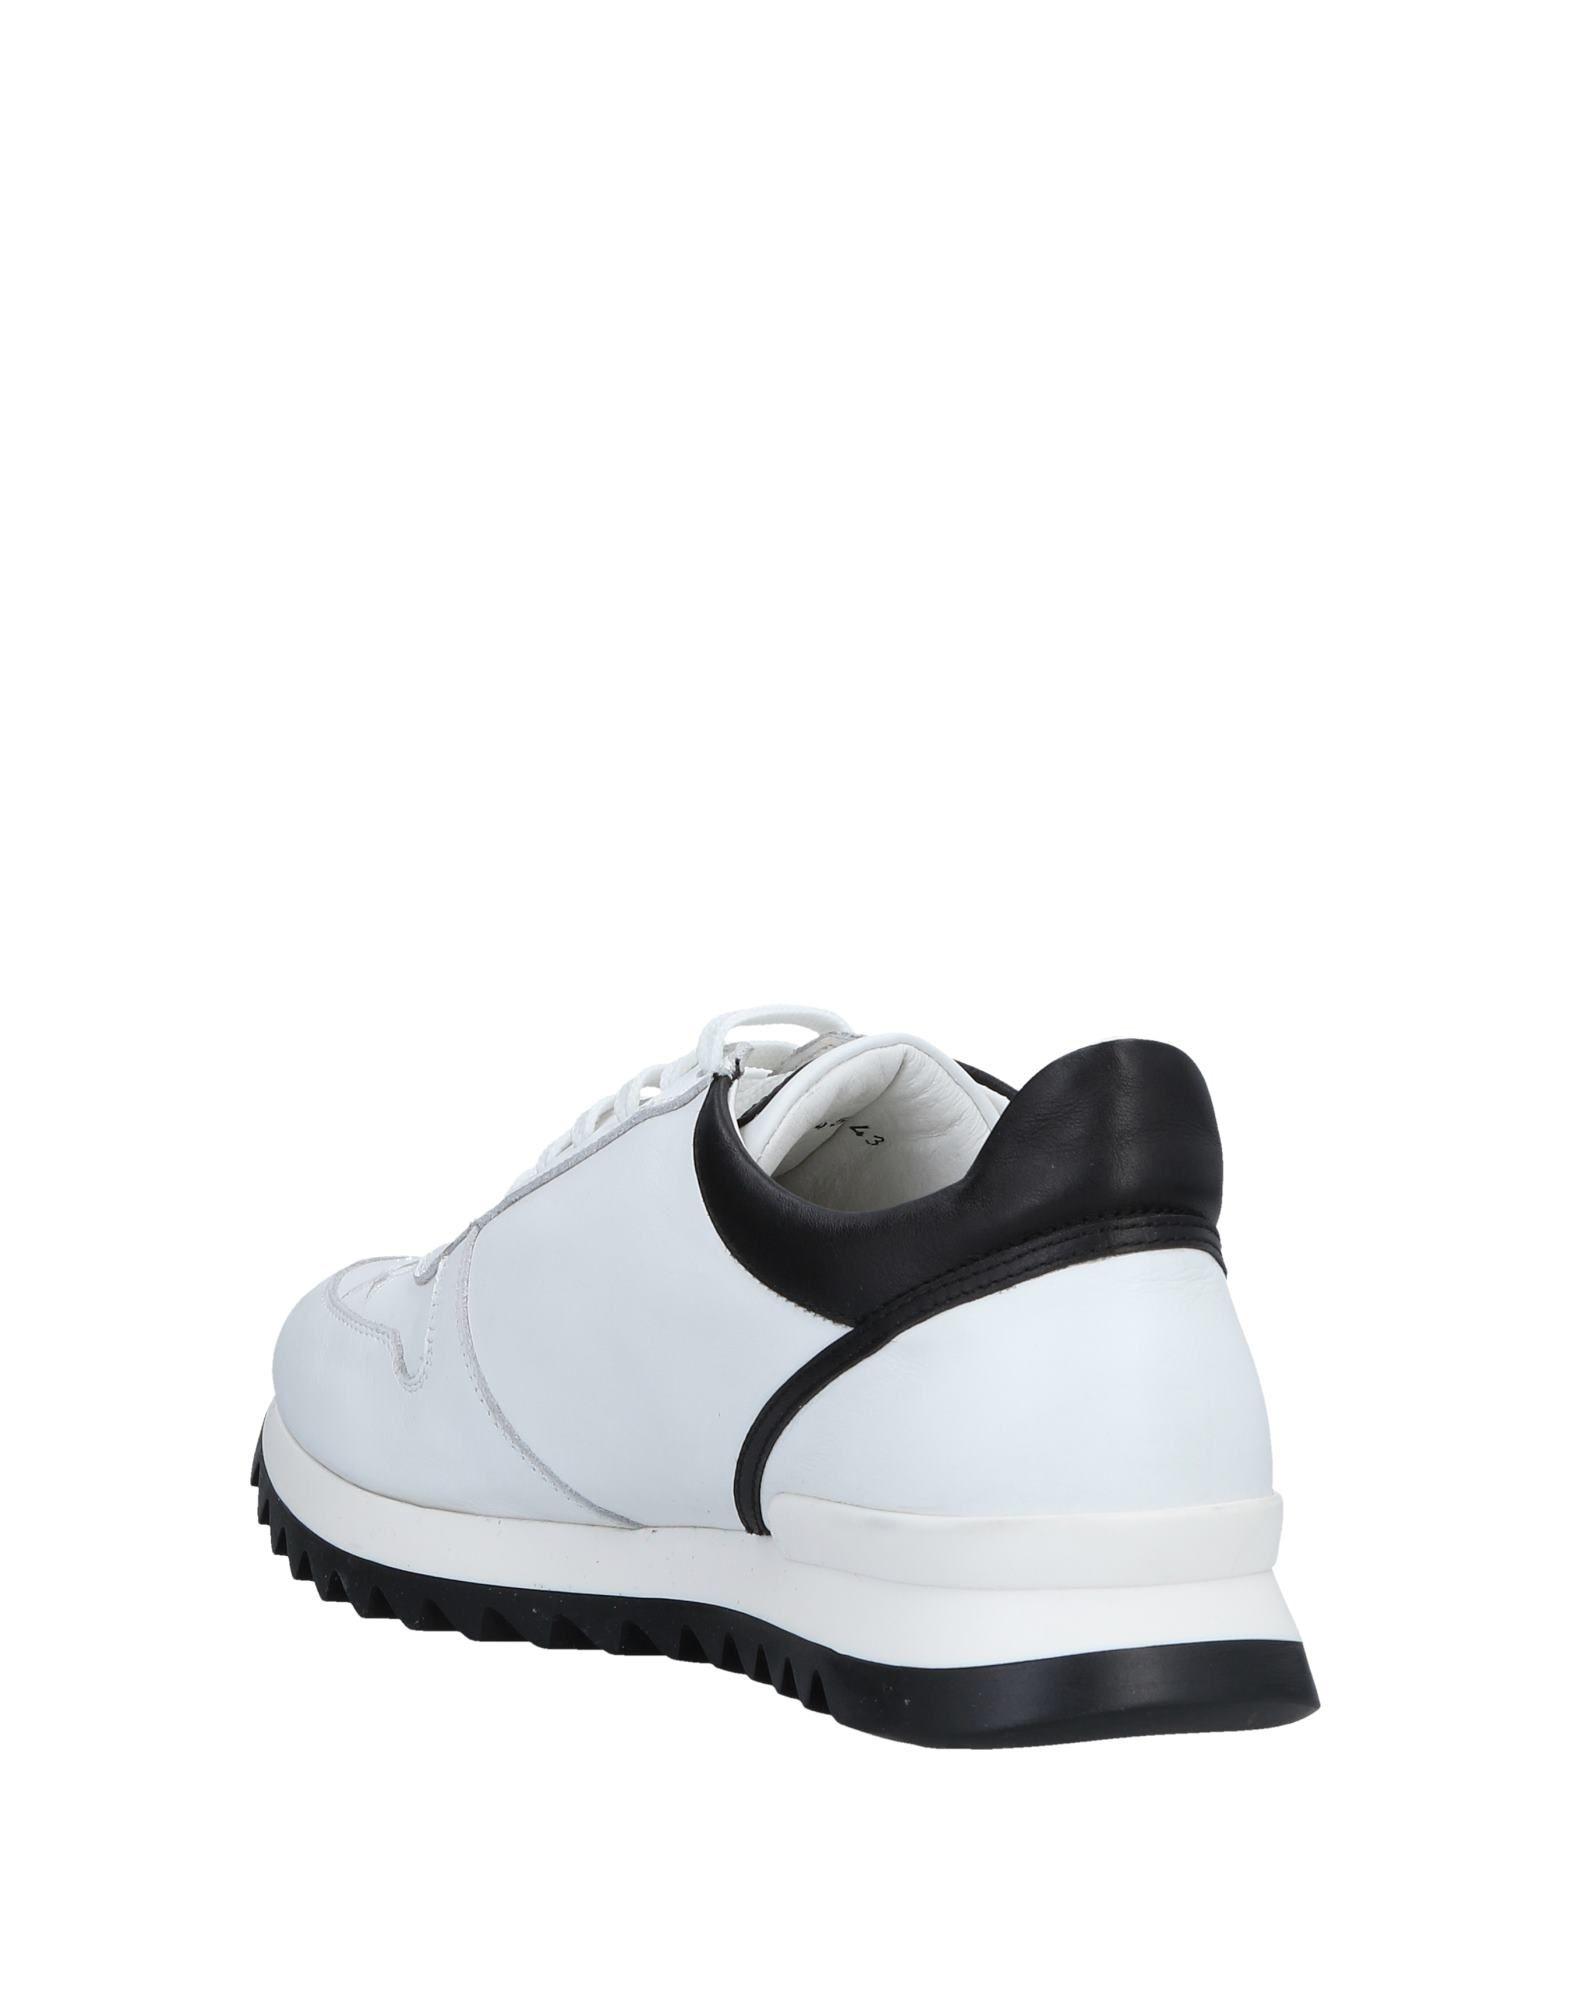 John Galliano Sneakers Herren  11534382HL Gute Qualität beliebte Schuhe